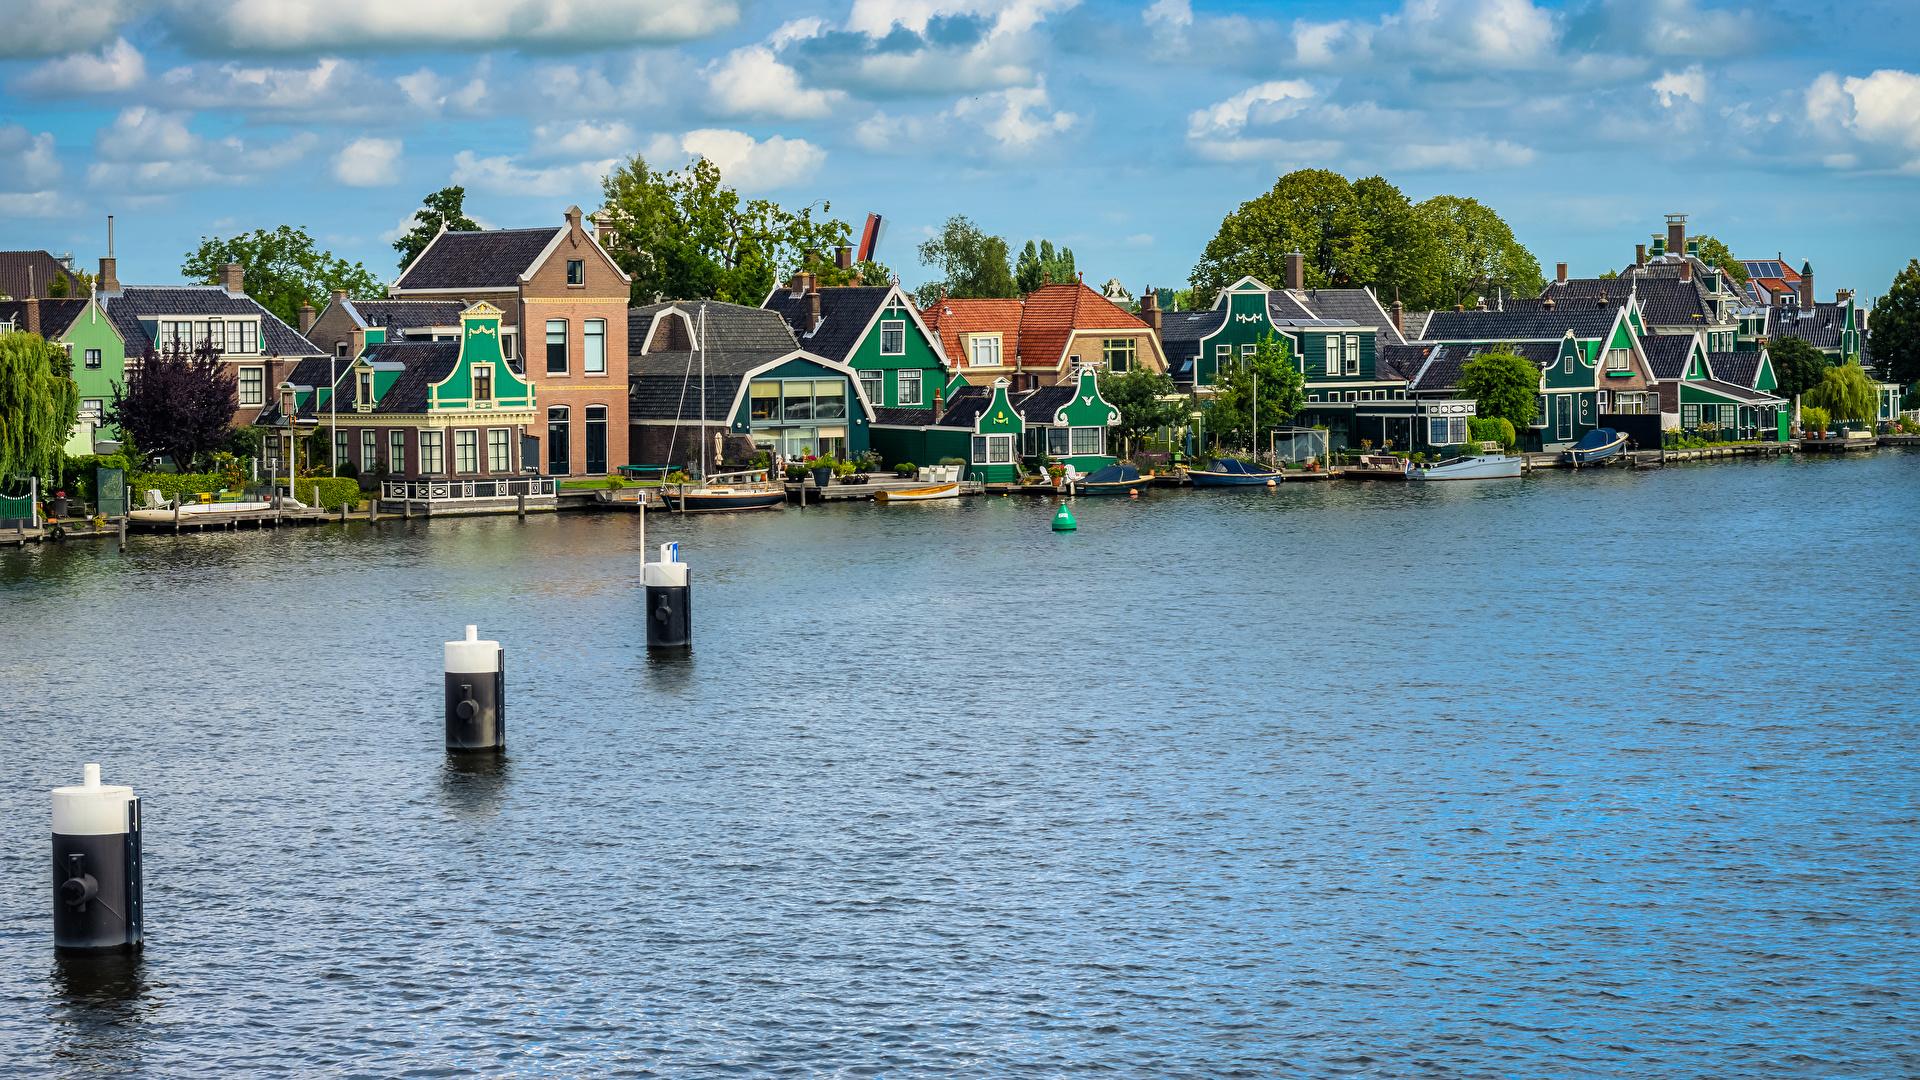 Netherlands_Houses_Rivers_Marinas_Zaanse_Schans_530898_1920x1080